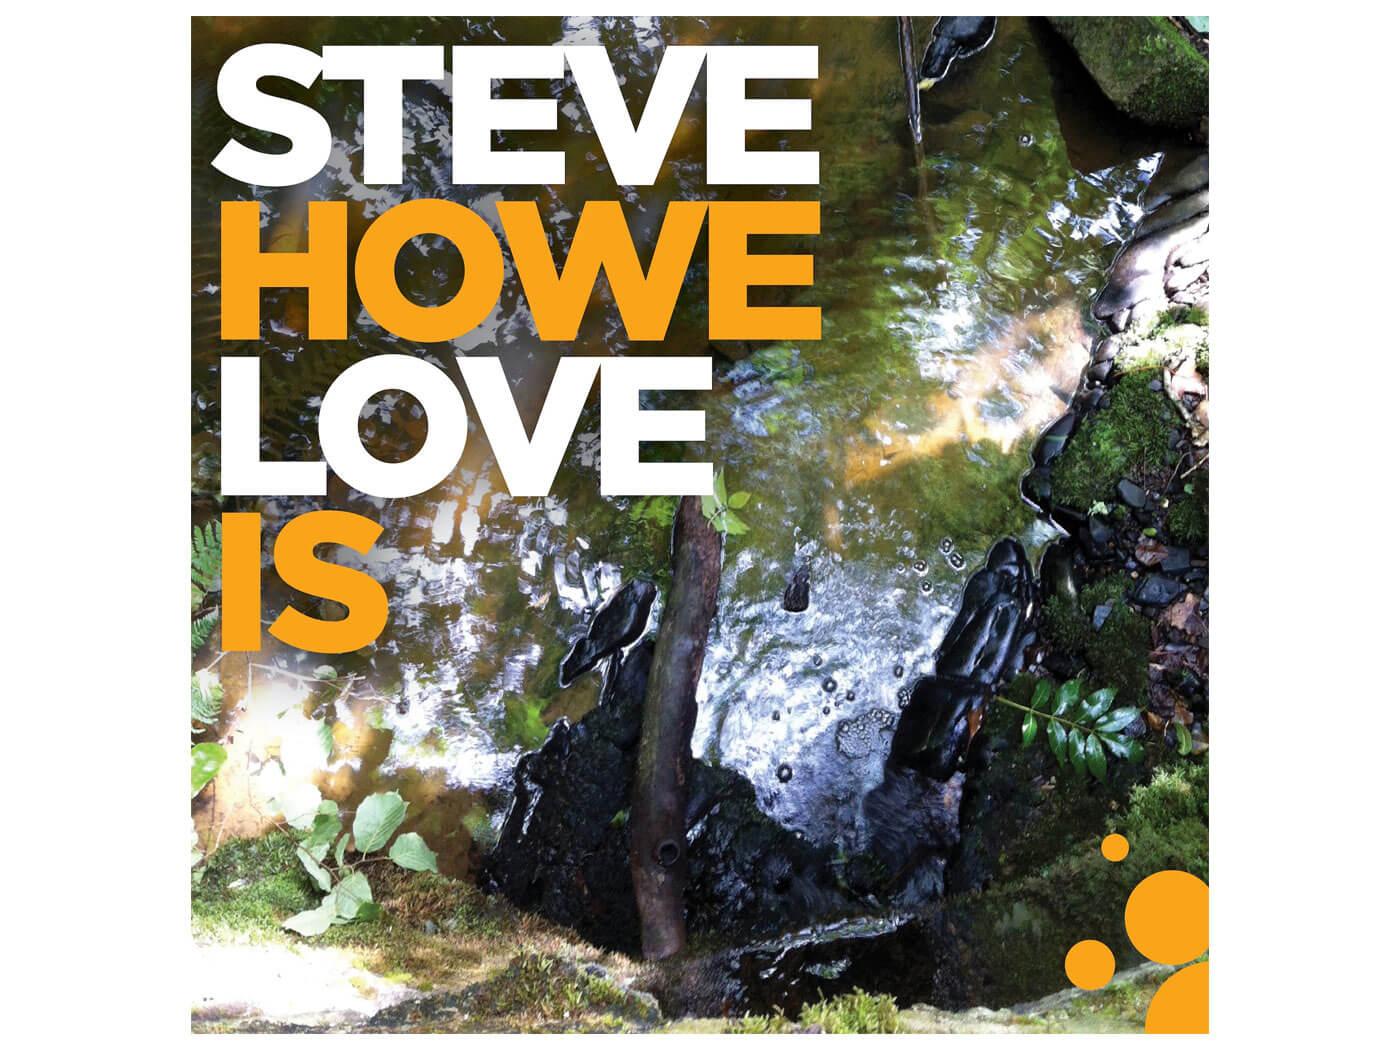 Steve Howe's Love Is